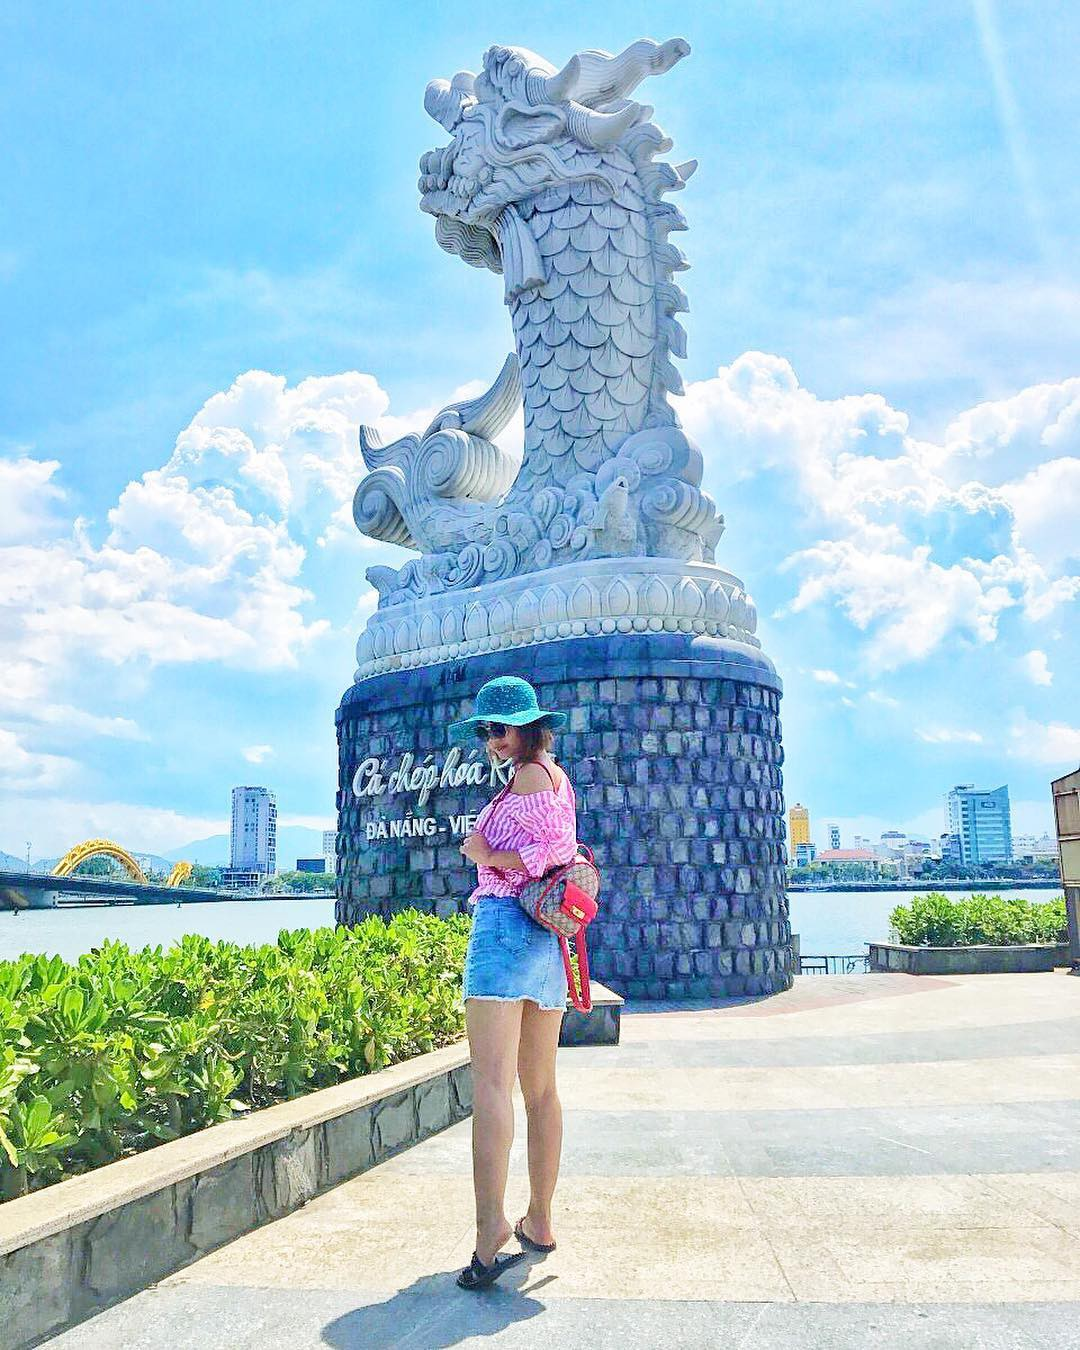 """Chỉ với 2 tọa độ cực phẩm này, Đà Nẵng đích thị là """"Singapore thu nhỏ"""" giữa lòng Việt Nam chứ đâu! - Ảnh 17."""